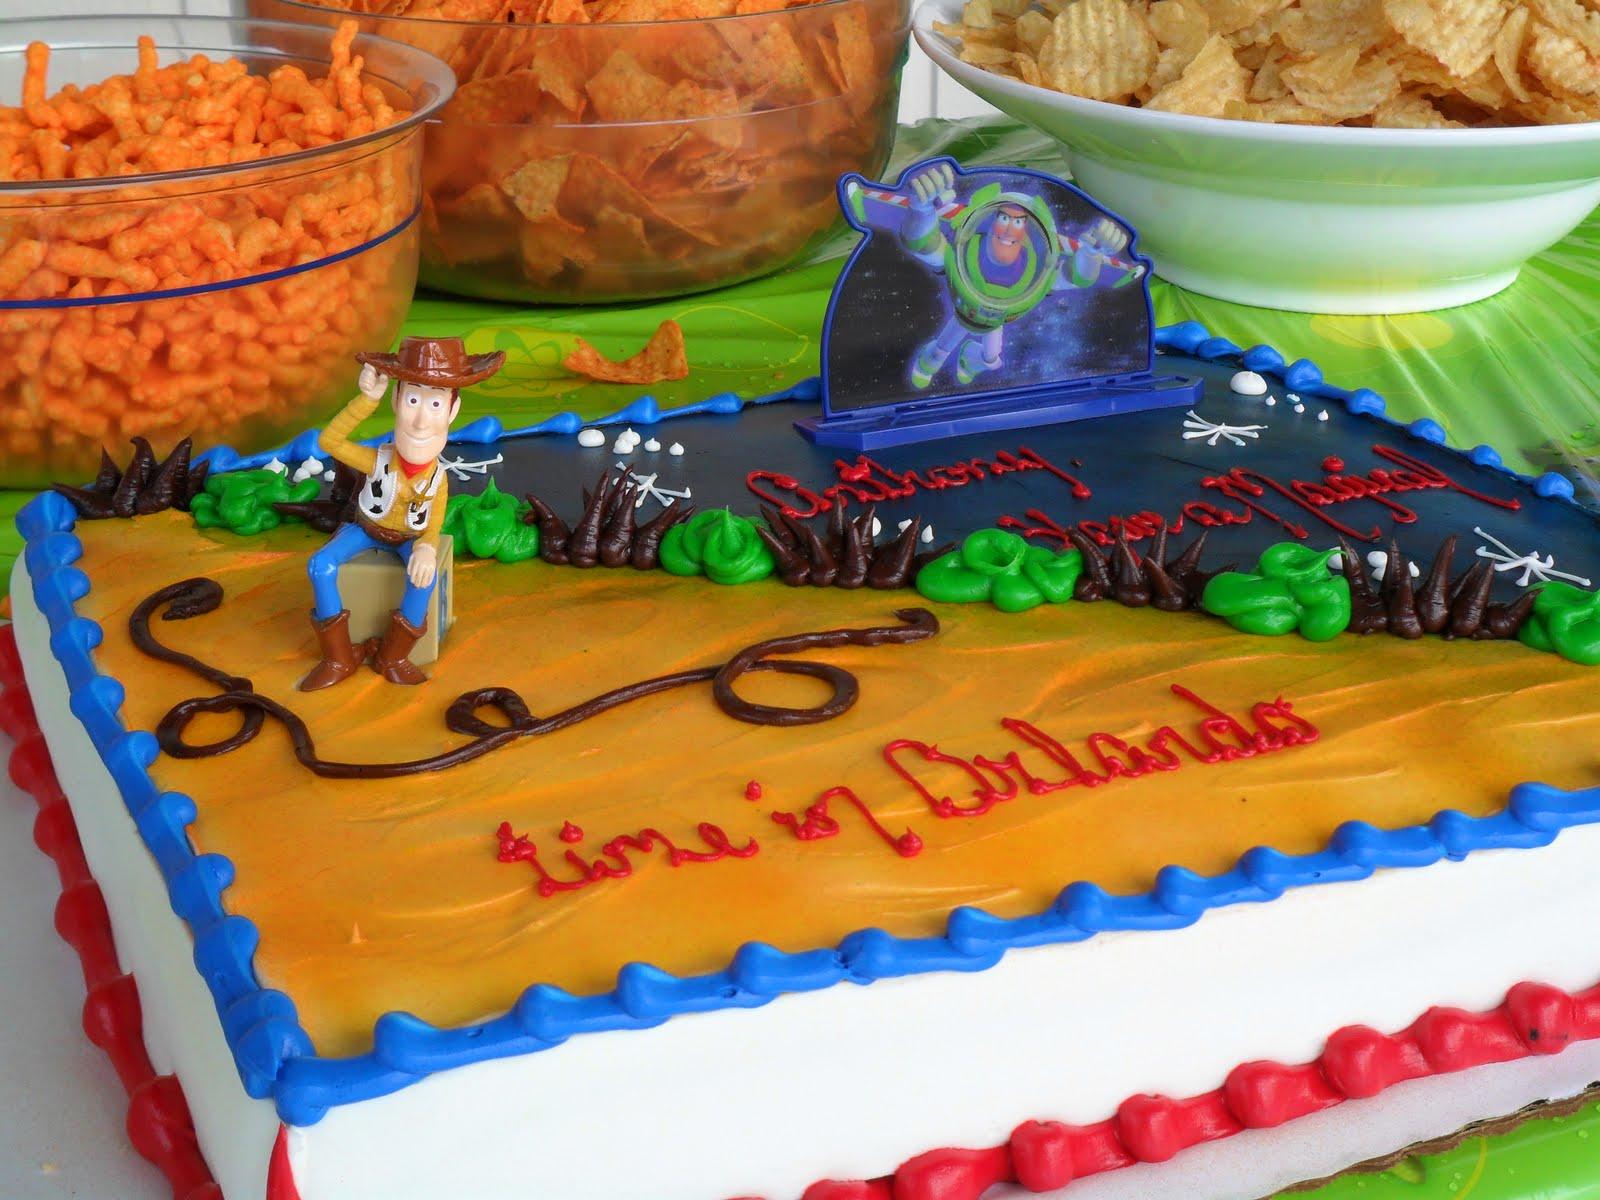 safeway birthday cakes prices 8 safeway birthday cakes prices 8